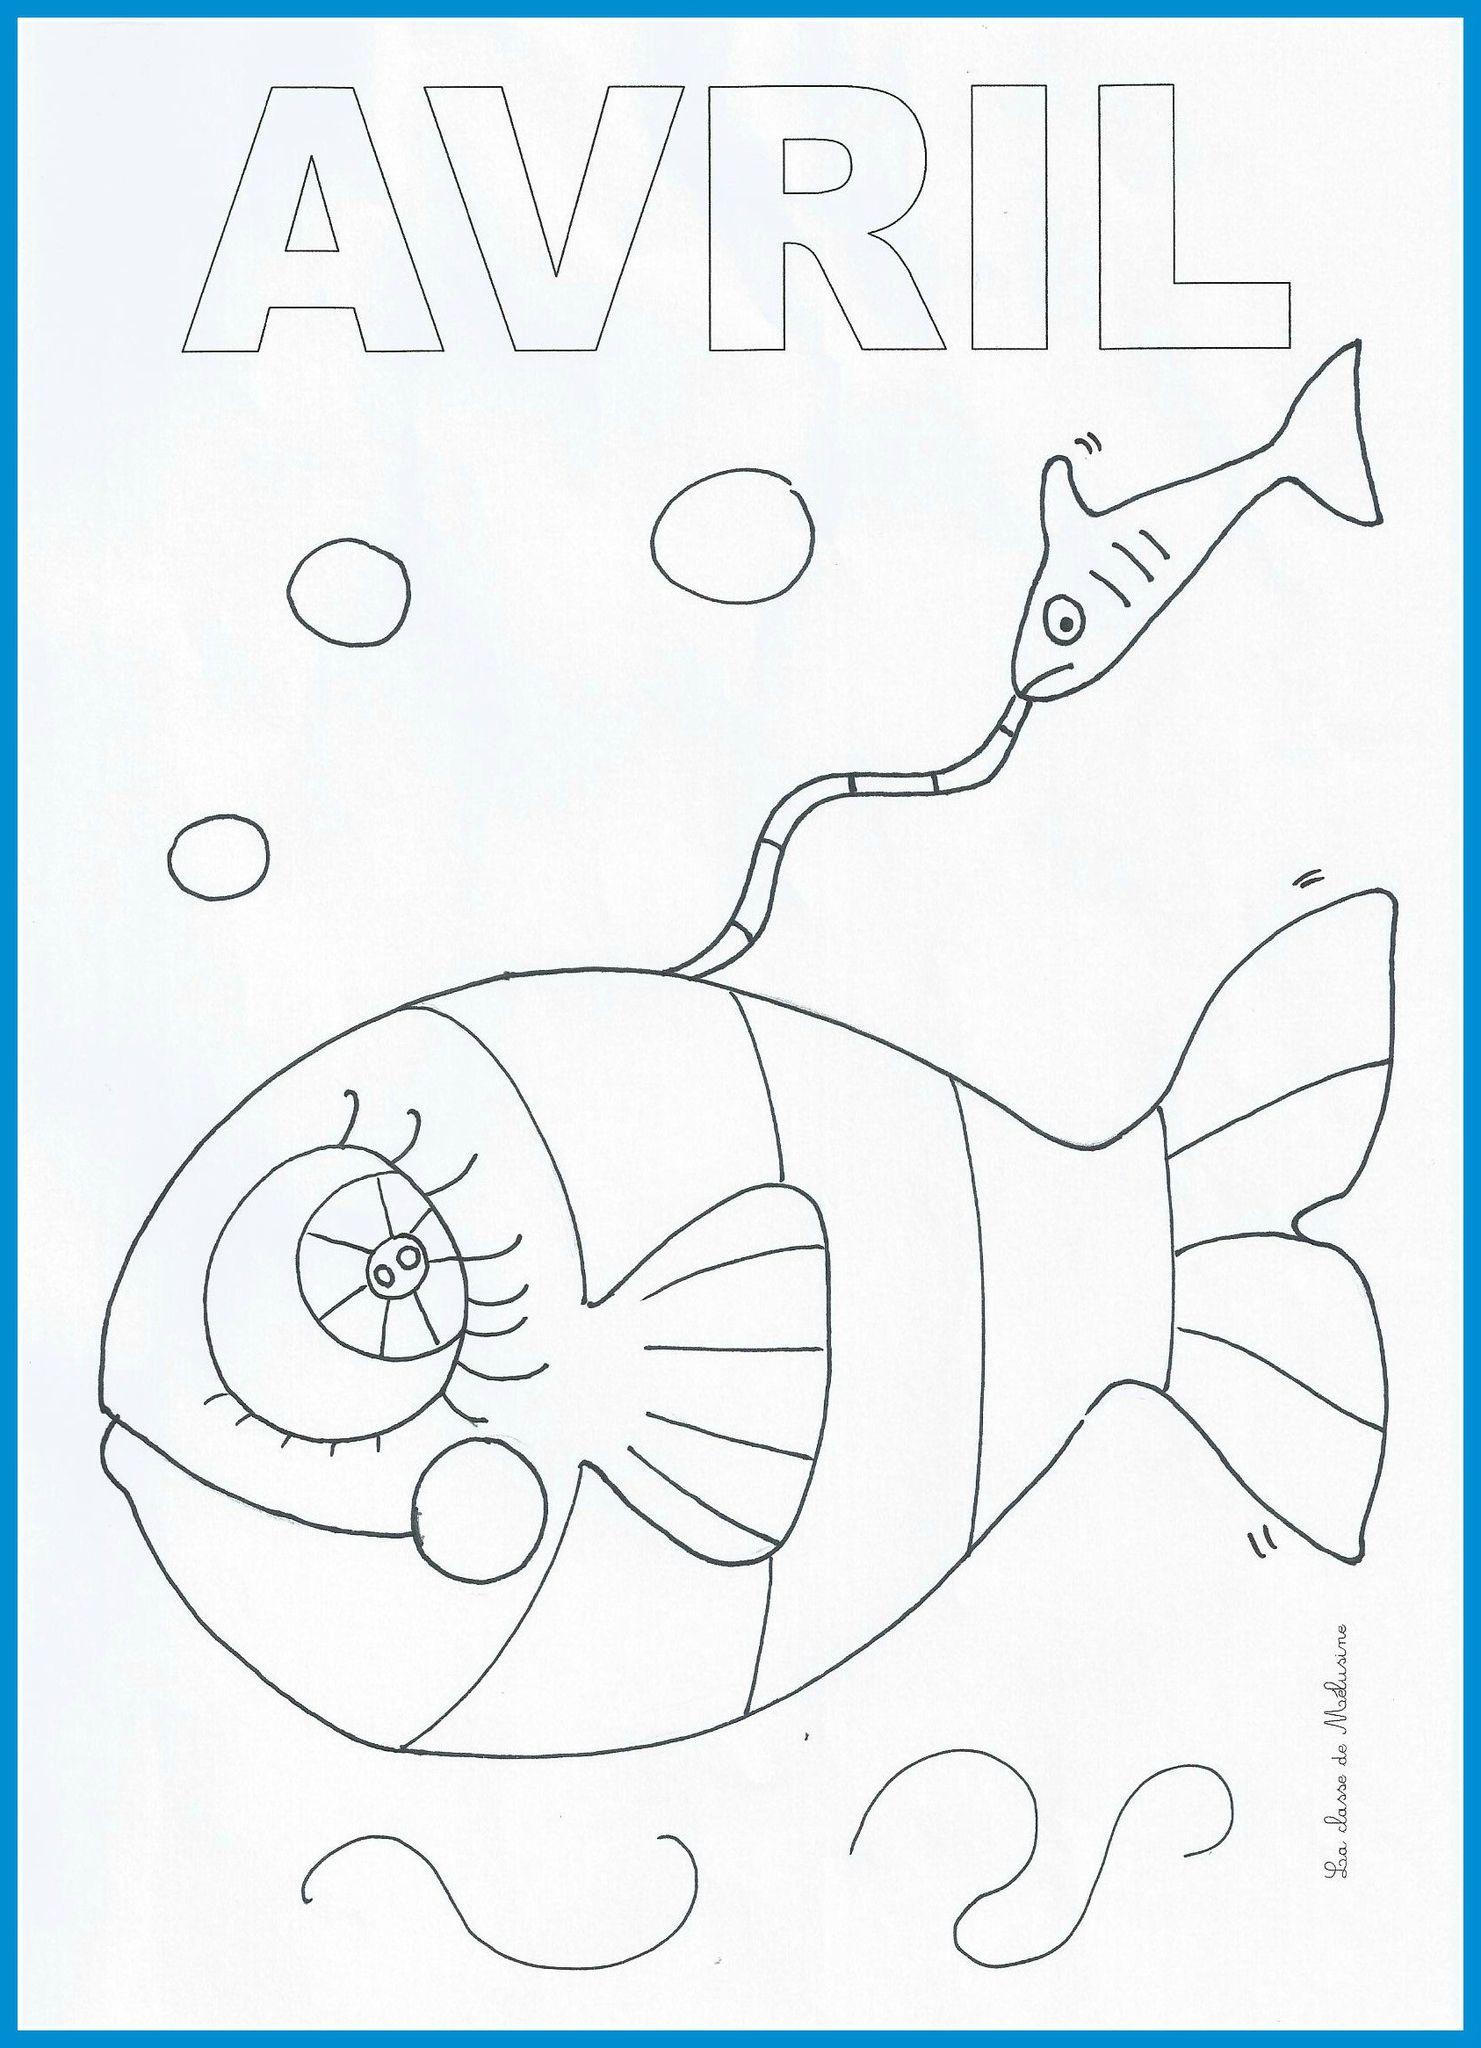 Petit coloriage un peu tardif pour ce début d avril mais pas eu le temps de mettre en ligne plus t´t poisson d avril Mélusine